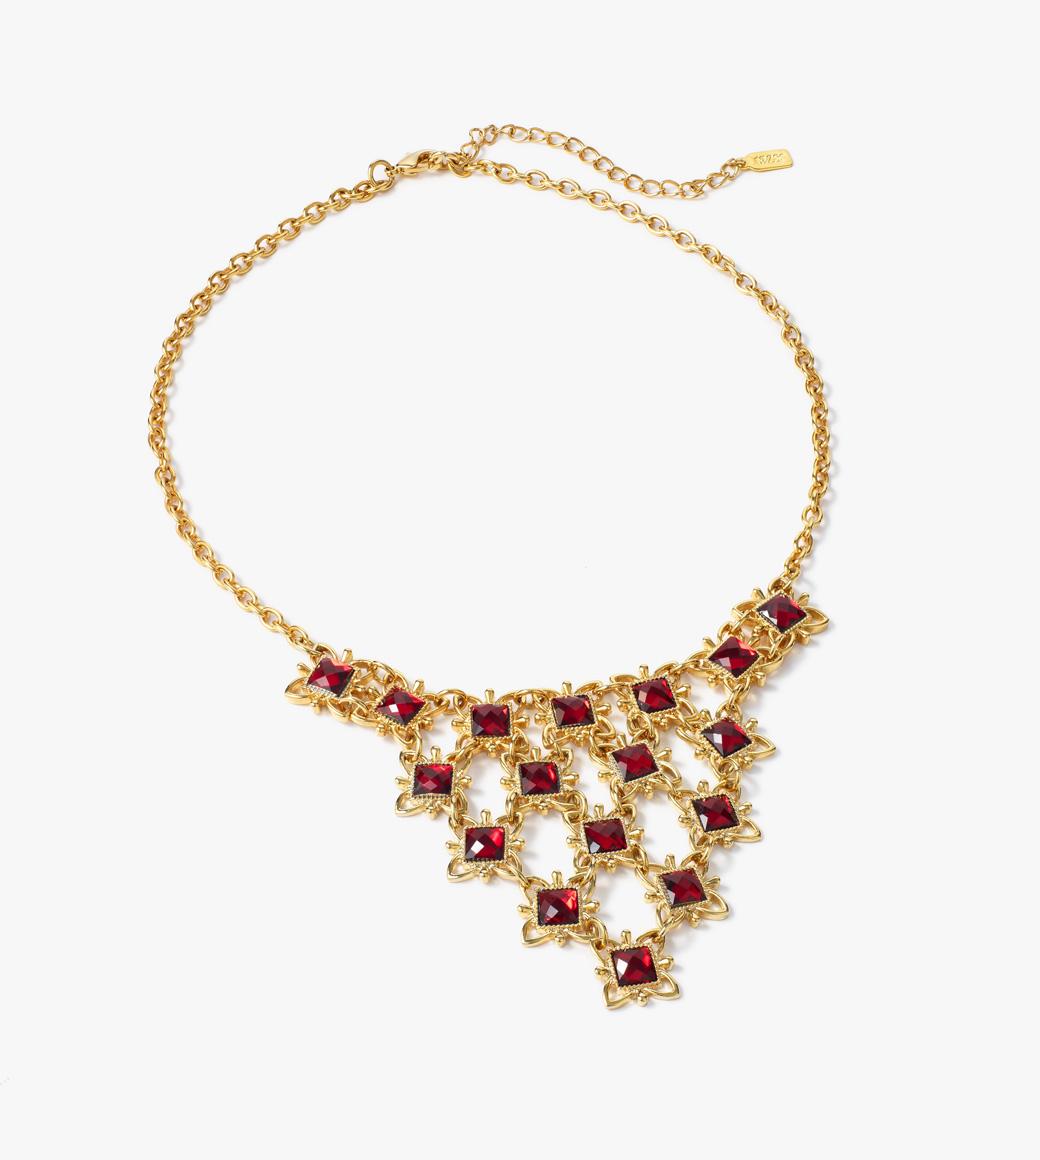 fashion jewelry statement necklaces YUWWCRW